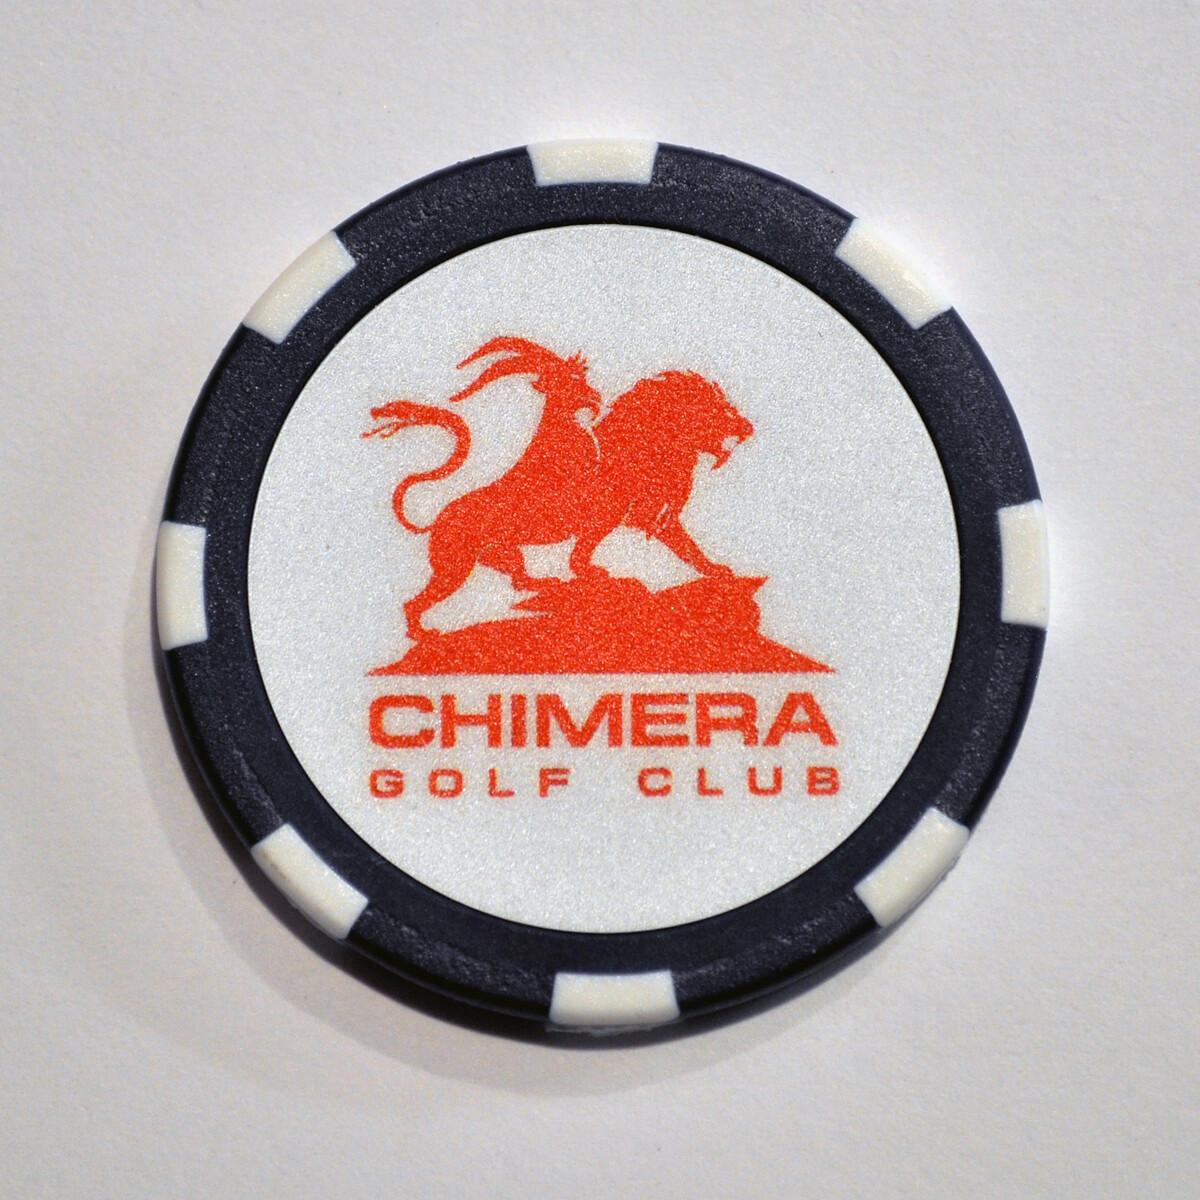 Poker Chip - Chimera - Navy/White